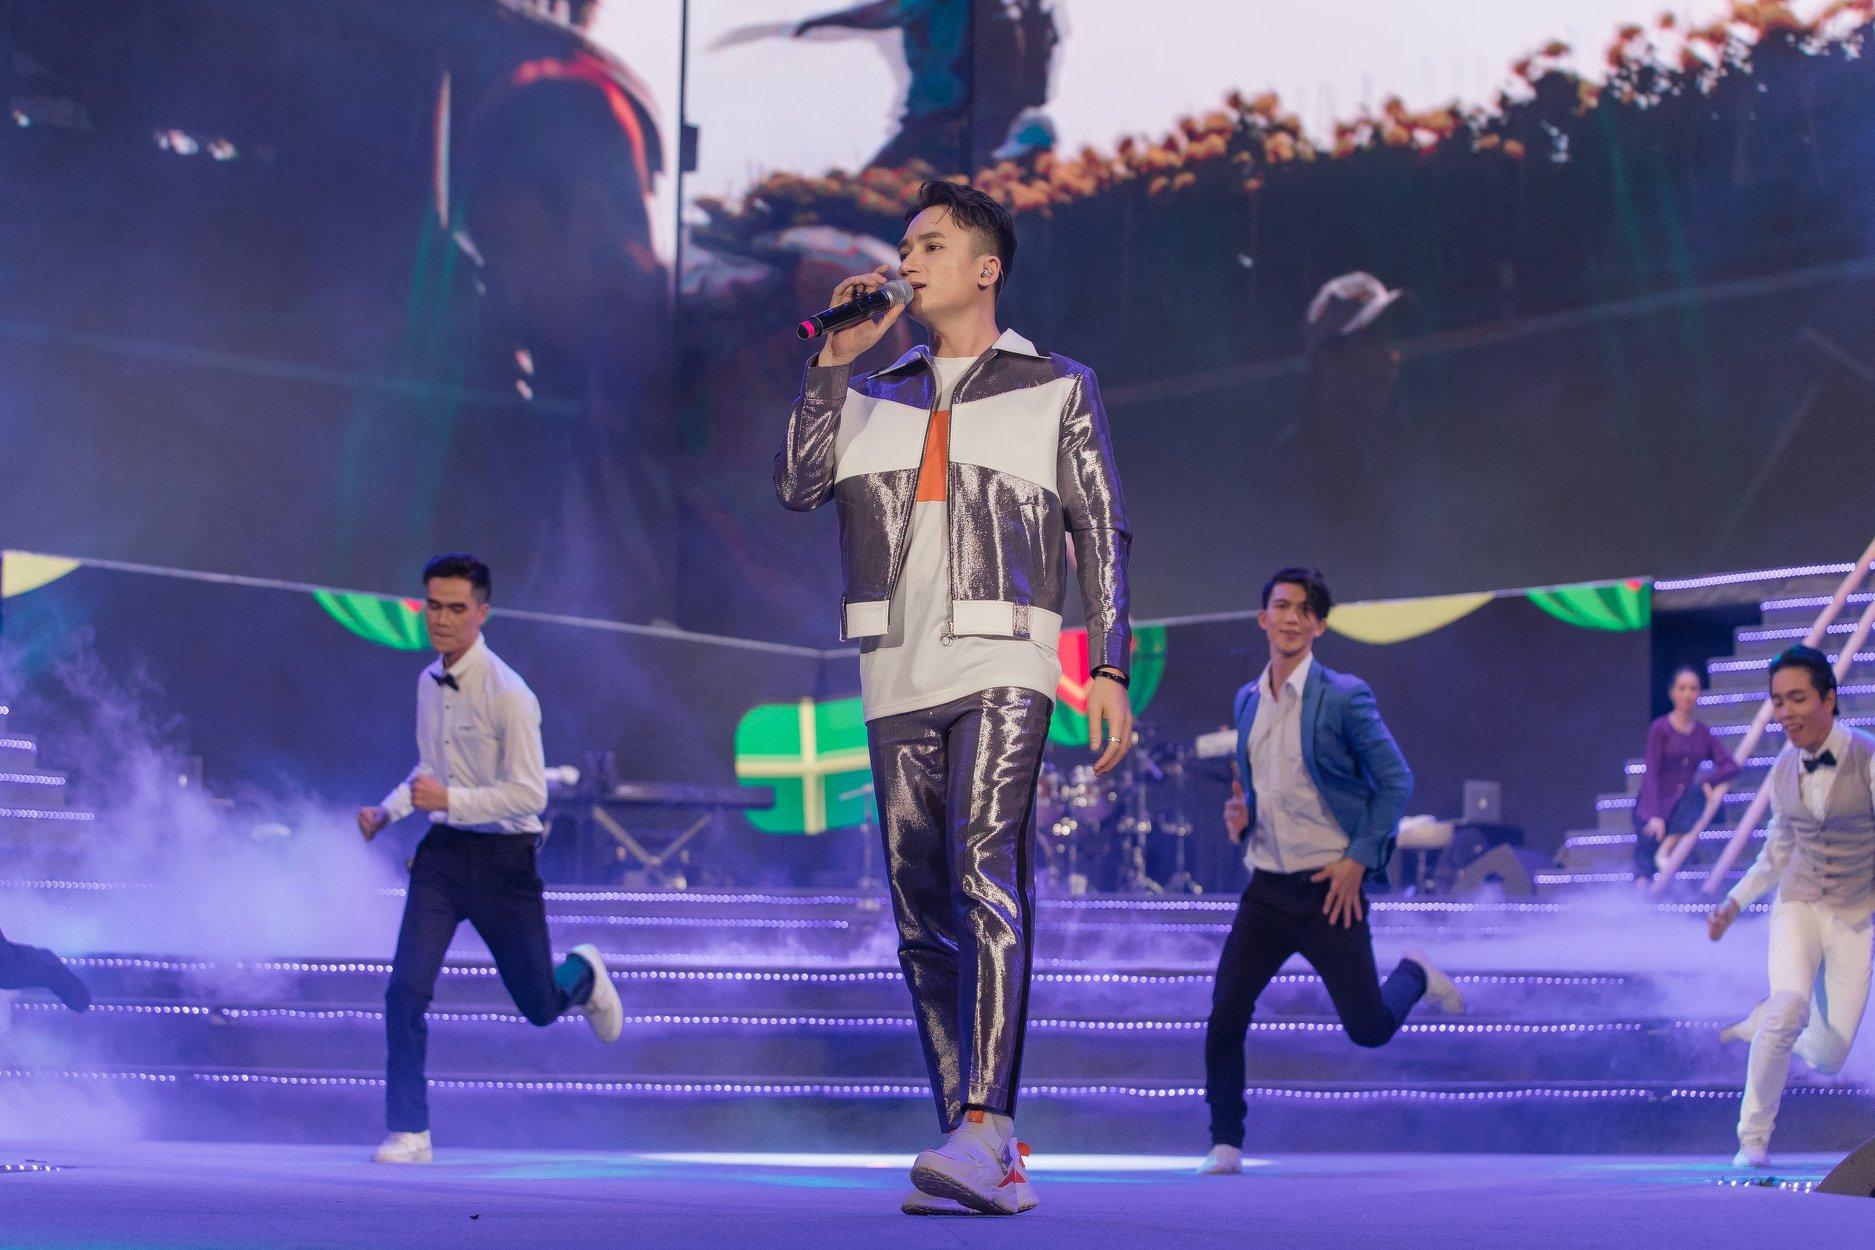 Phan Mạnh Quỳnh lần đầu hát live 'Đi để trở về 4' trước hàng chục ngàn khán giả tại New Year Countdown 2020 - Ảnh 3